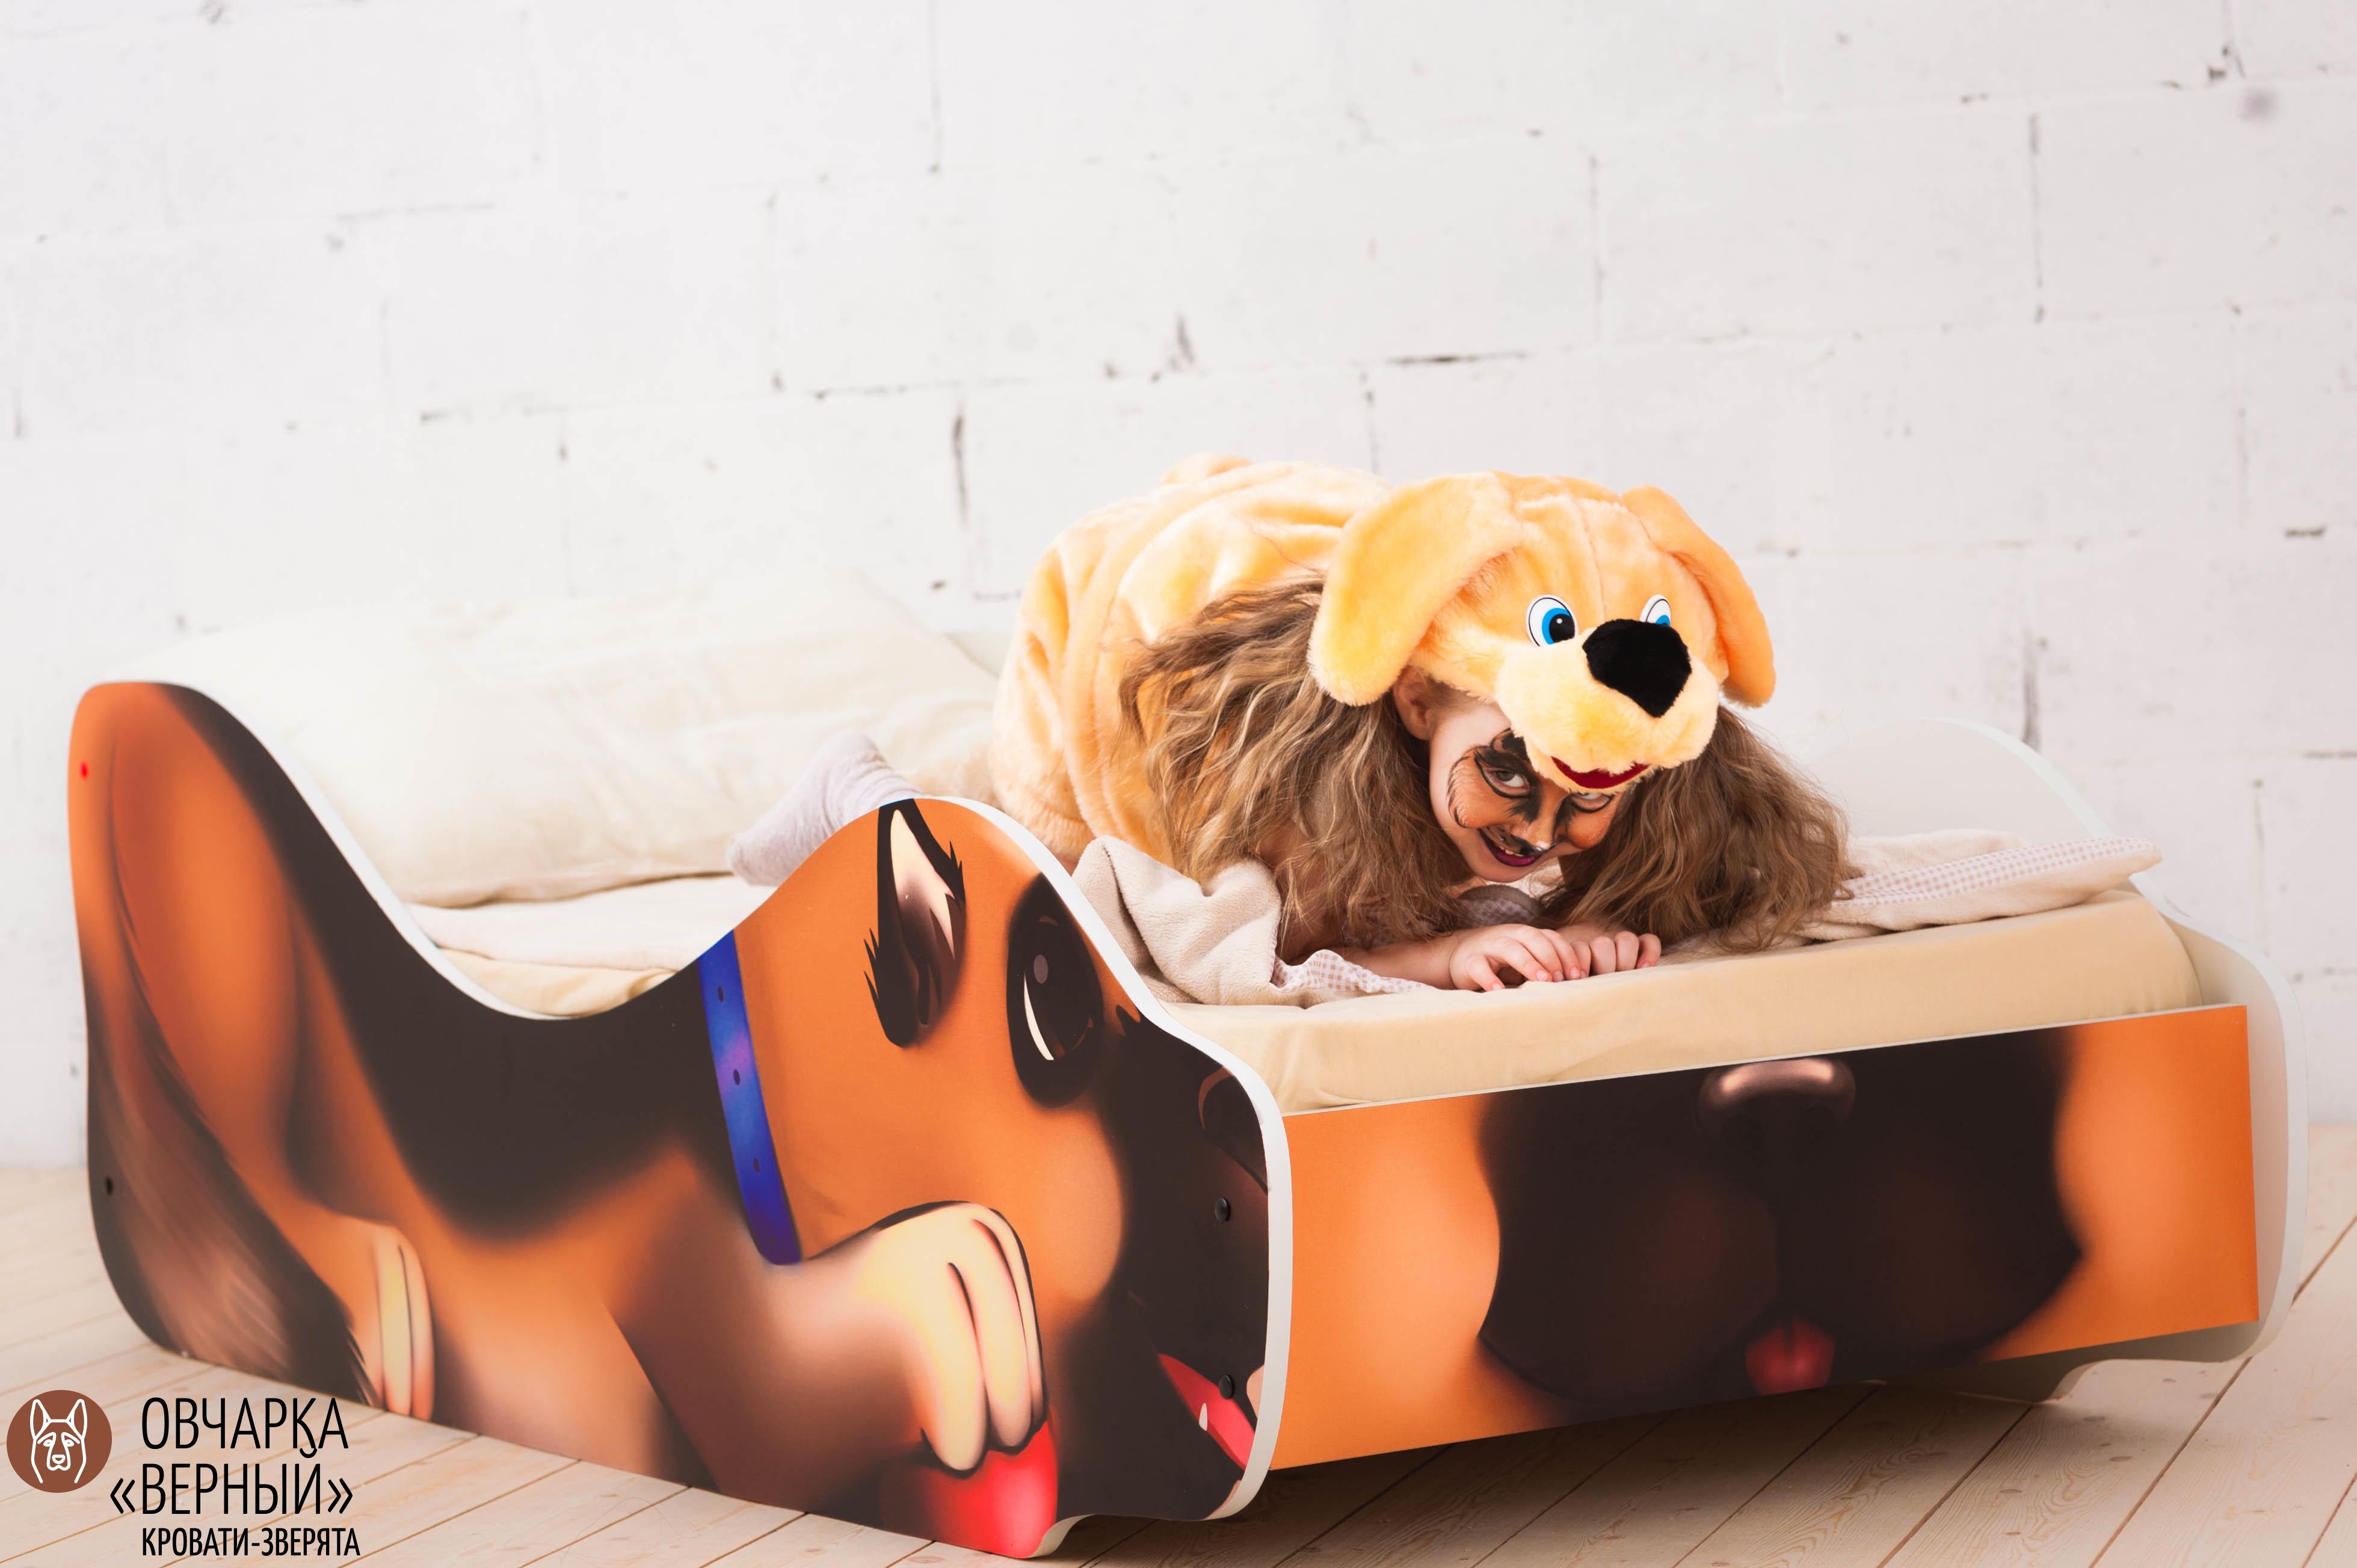 Детская кровать-зверенок -Овчарка-Верный-21